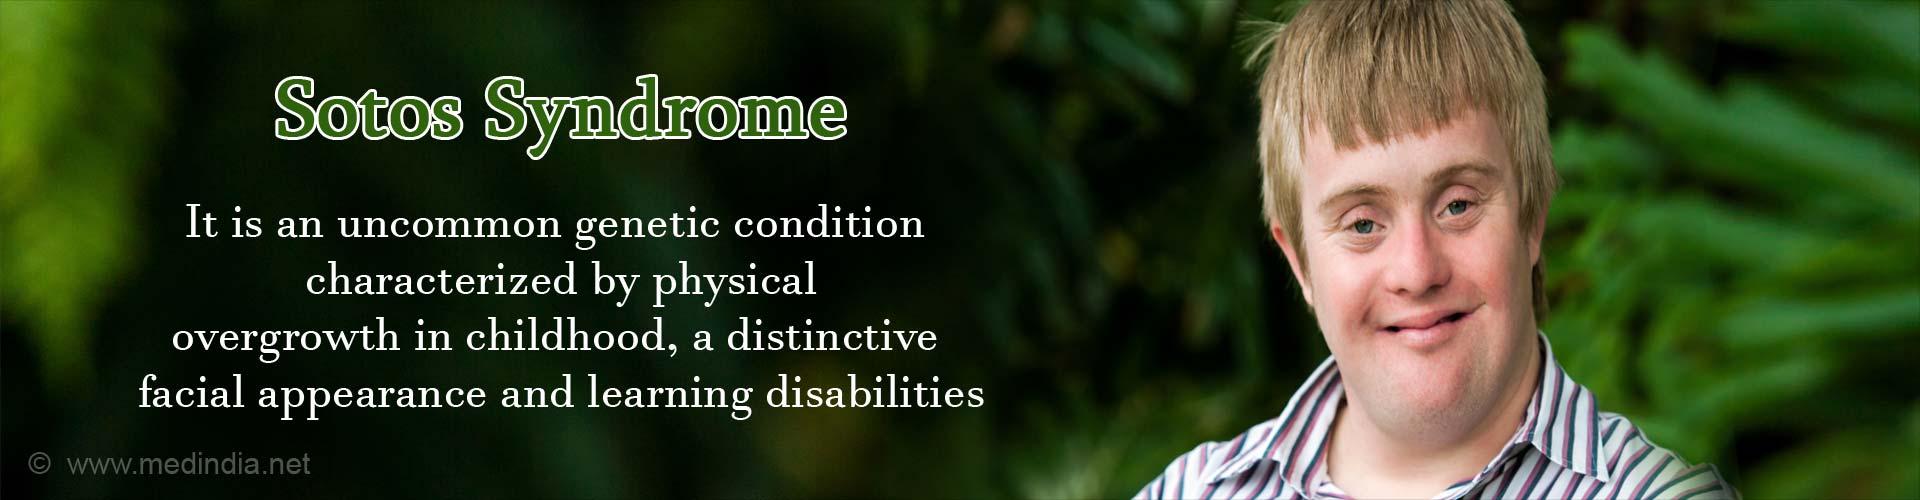 Sotos Syndrome